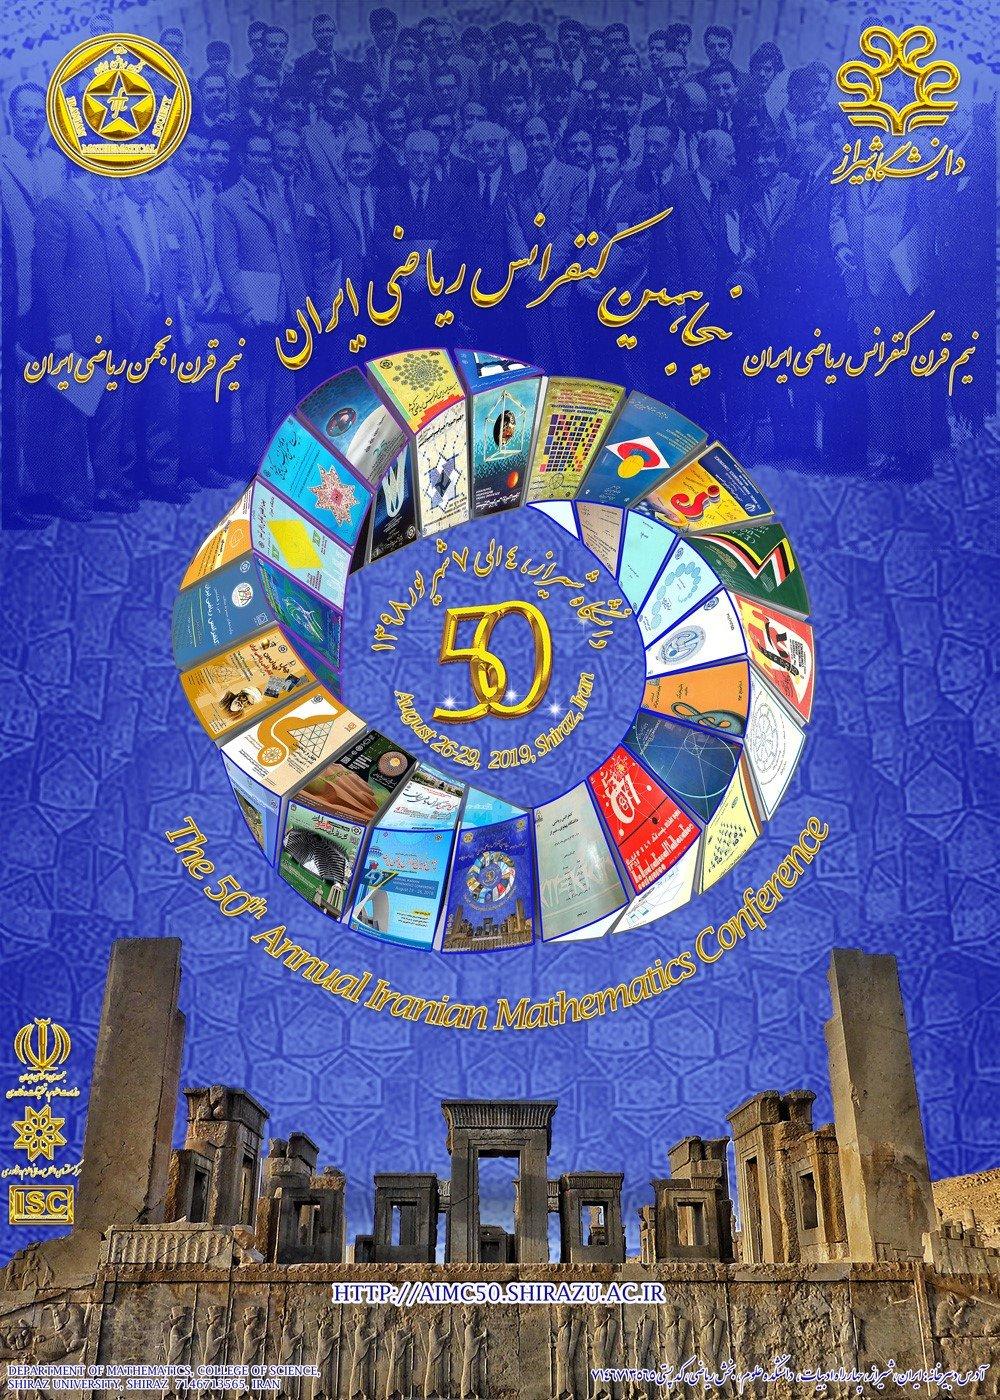 31 خرداد آخرين مهلت ارسال آثار به همايش رياضي ايران